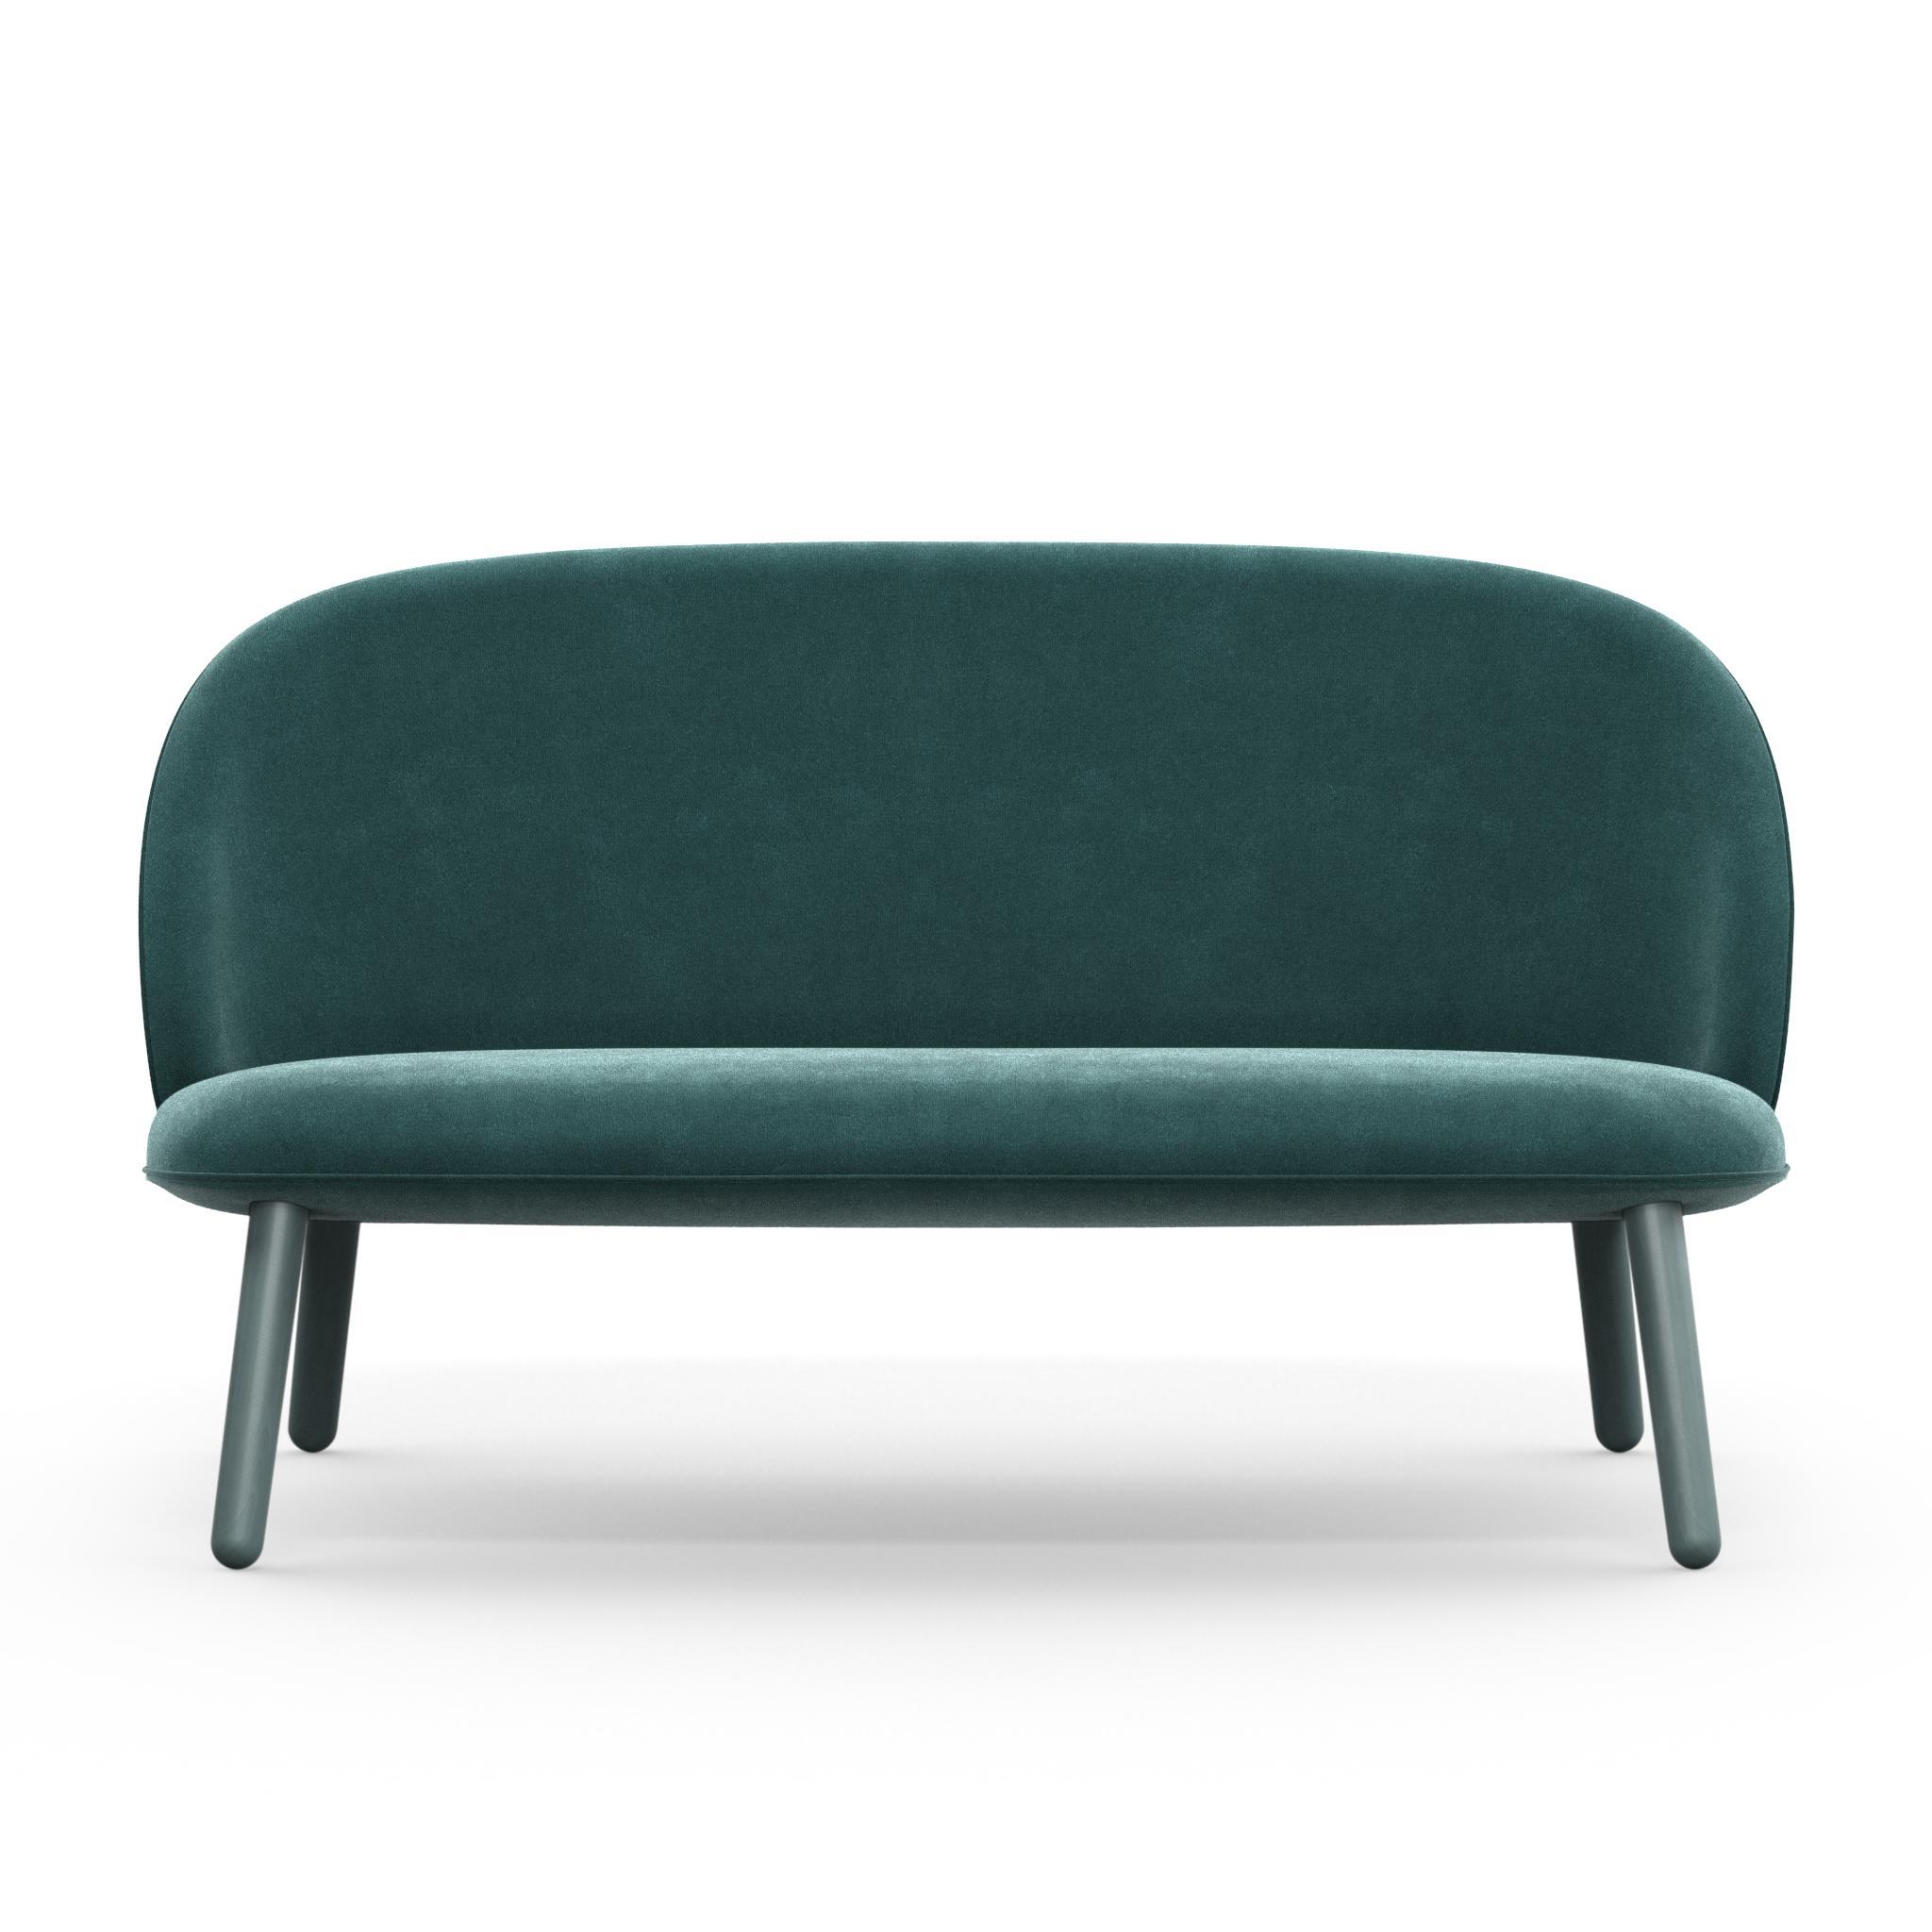 Ansprechend Sofa Grün Sammlung Von Normann Copenhagen Ace Grün